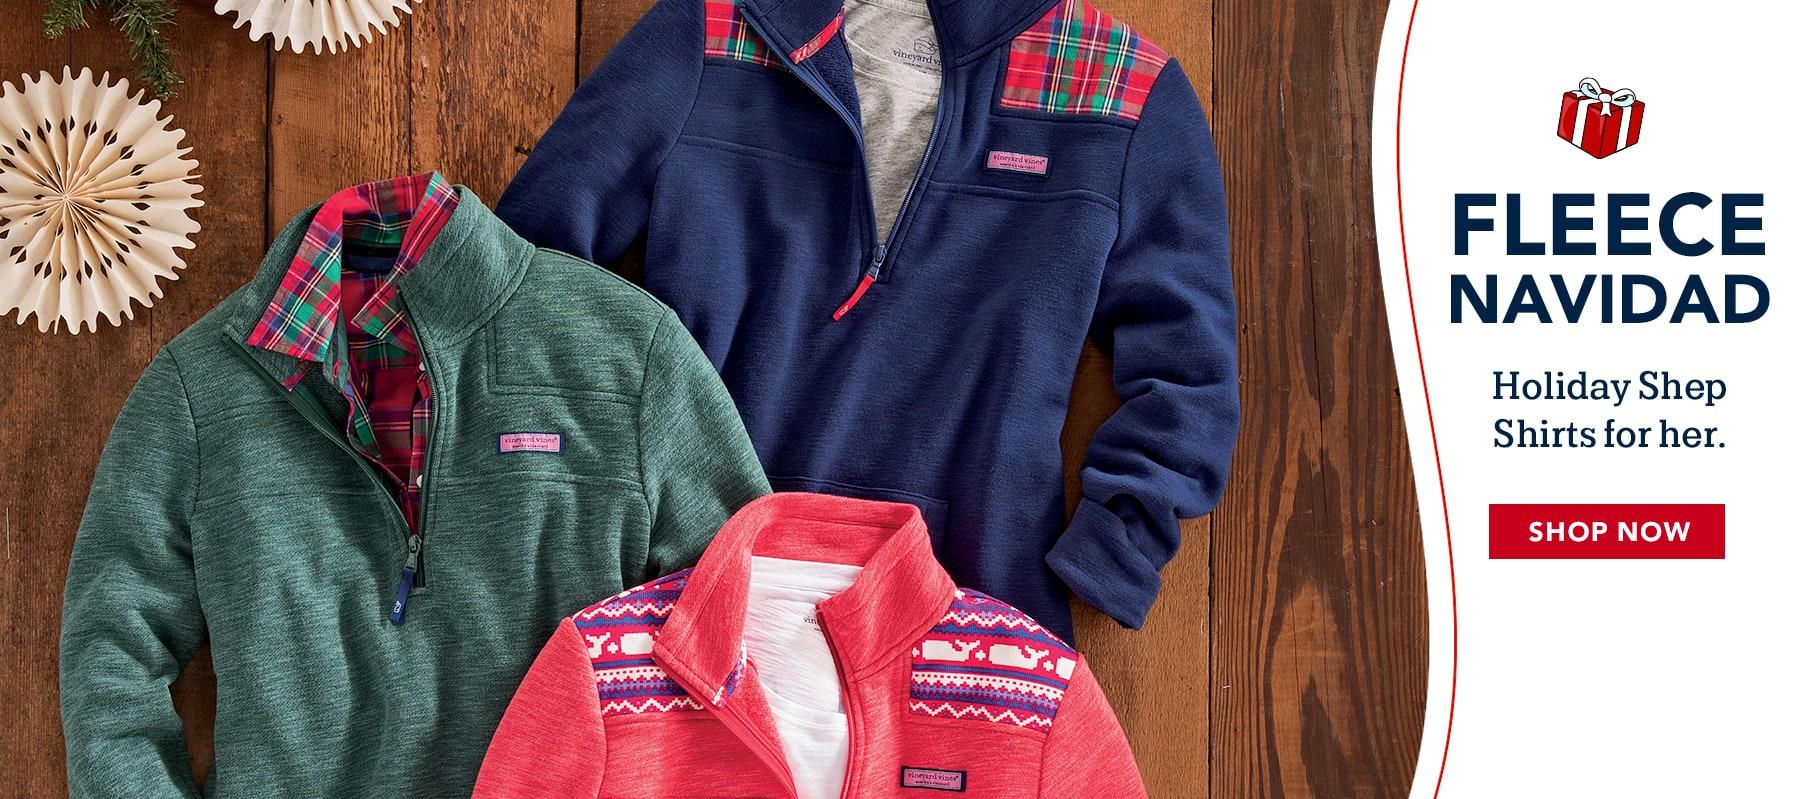 >Fleece Navidad. Holiday shep shirts for her.